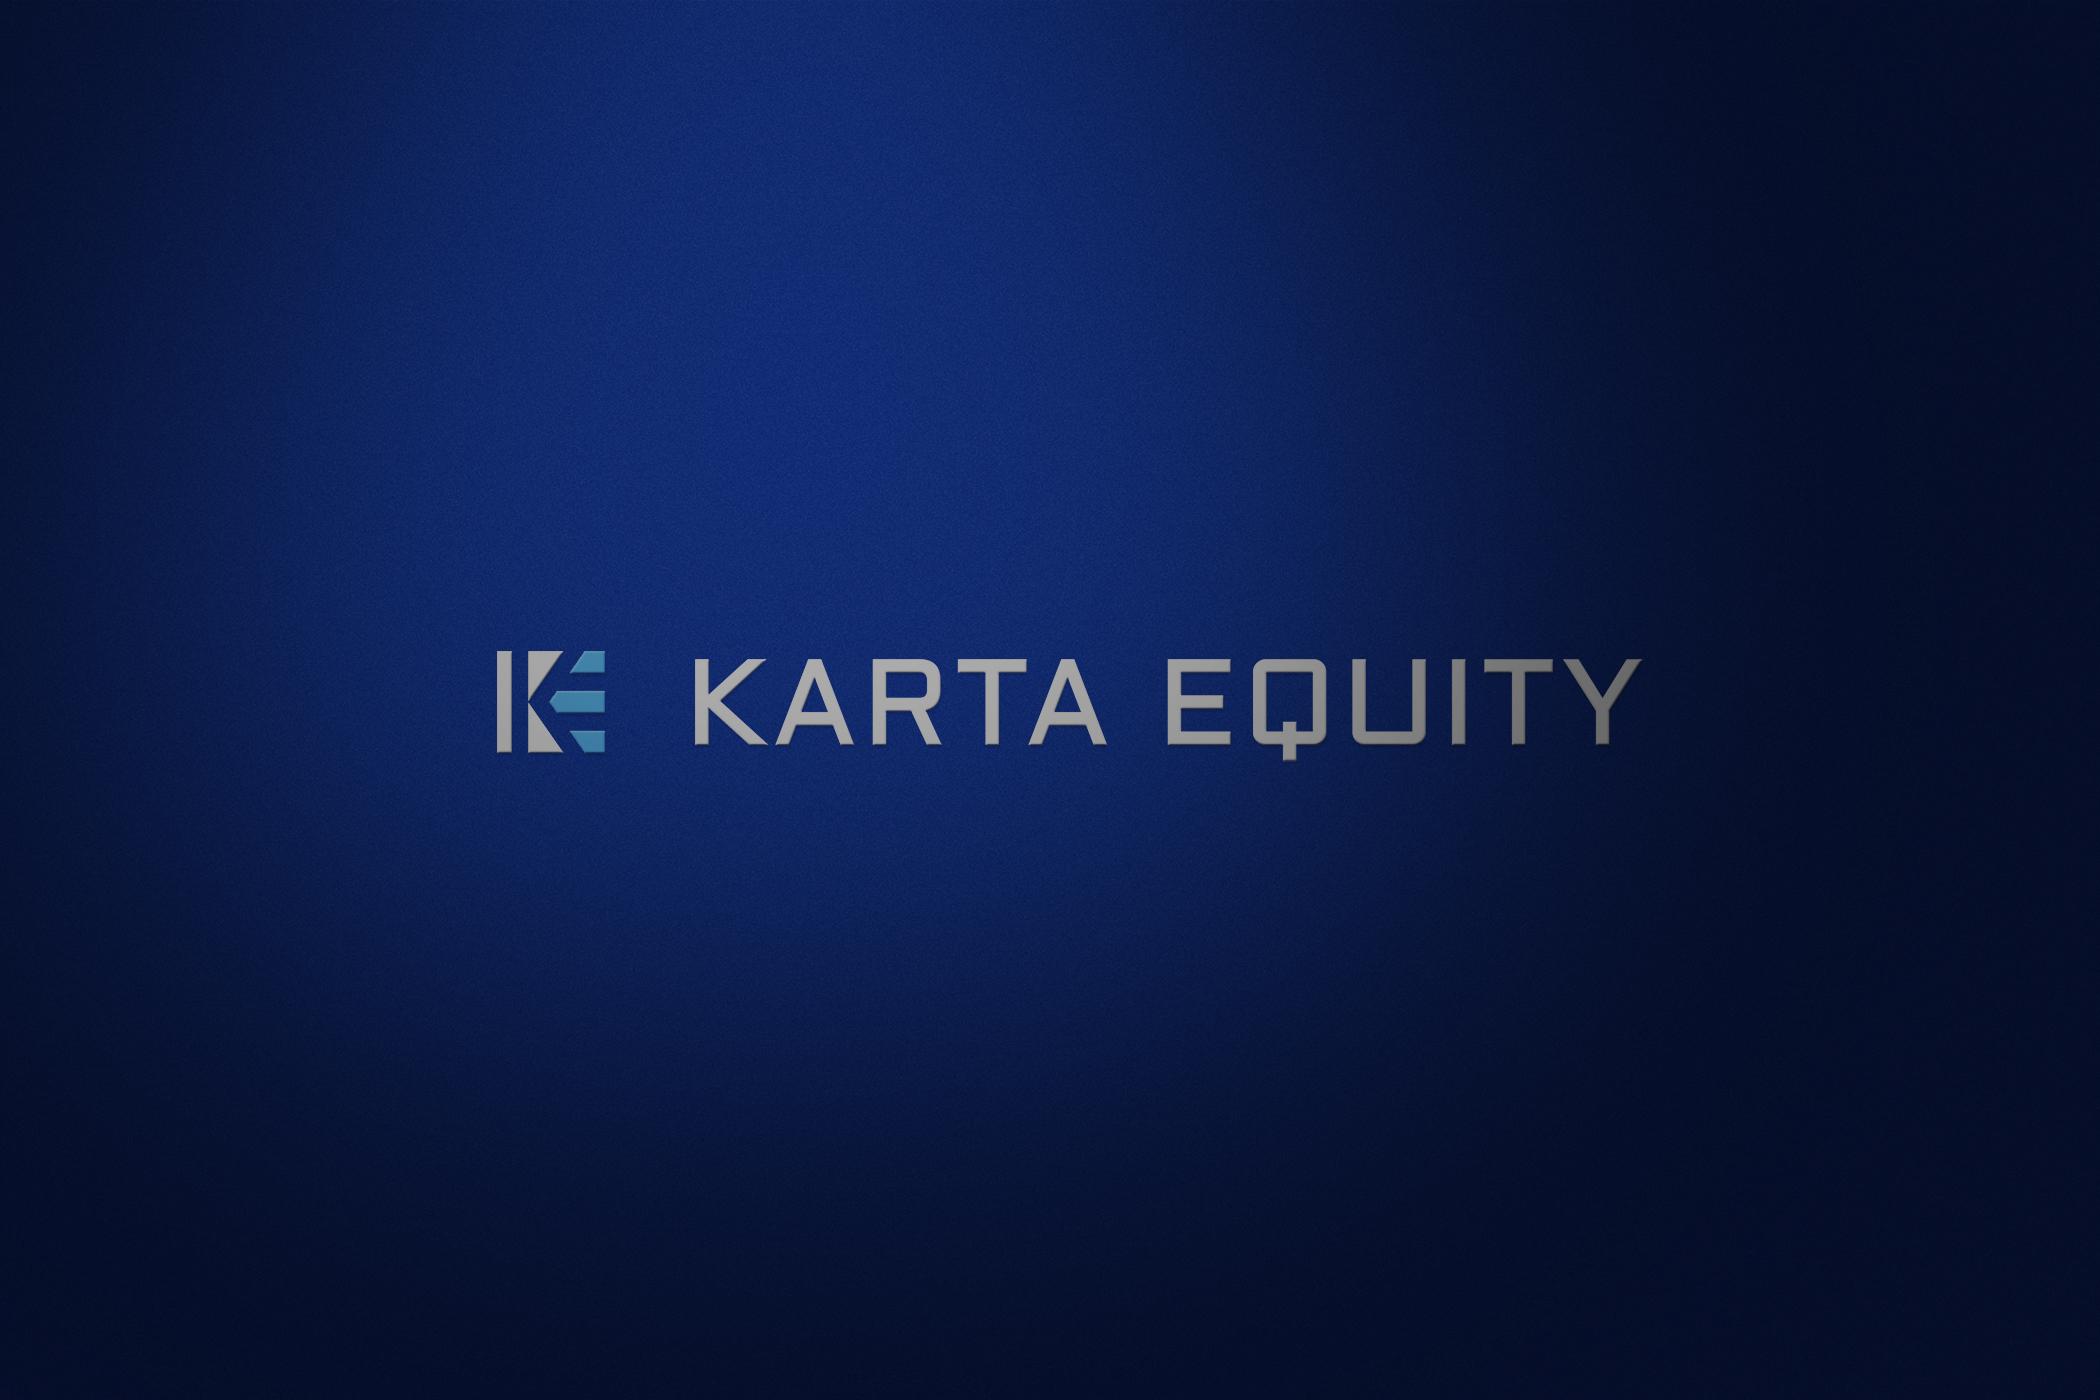 Логотип для компании инвестироваюшей в жилую недвижимость фото f_4355e1b7022e2cc2.jpg